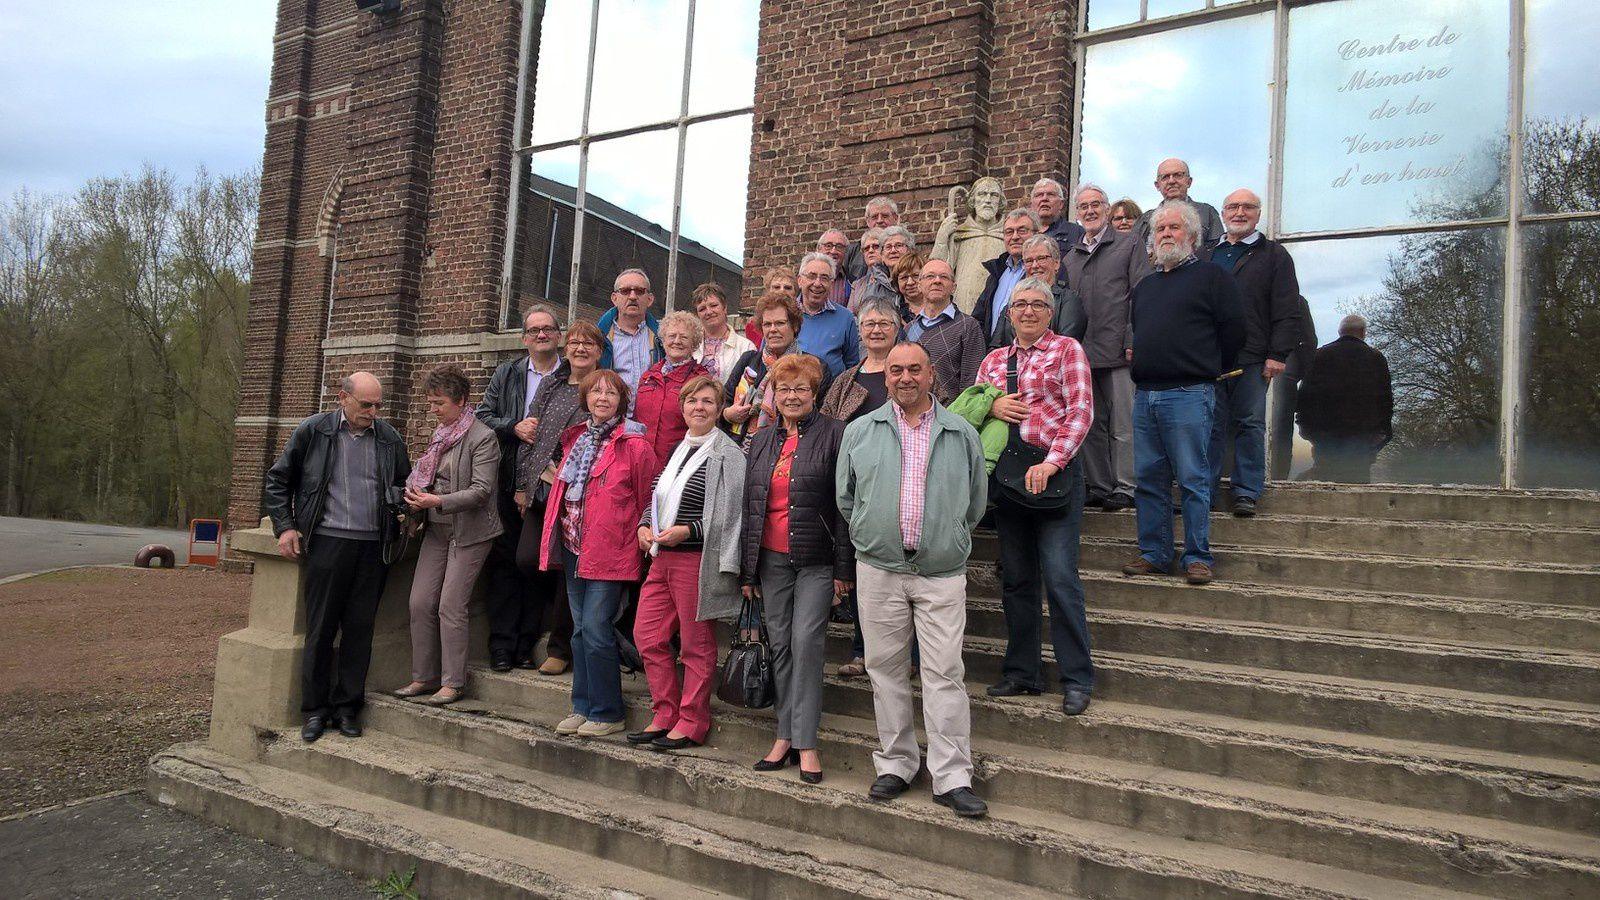 Visite du 10 avril 2018 du Centre de Mémoire  - 30 Personnes de l'Association Double de la Clef de Lauwin-Planque